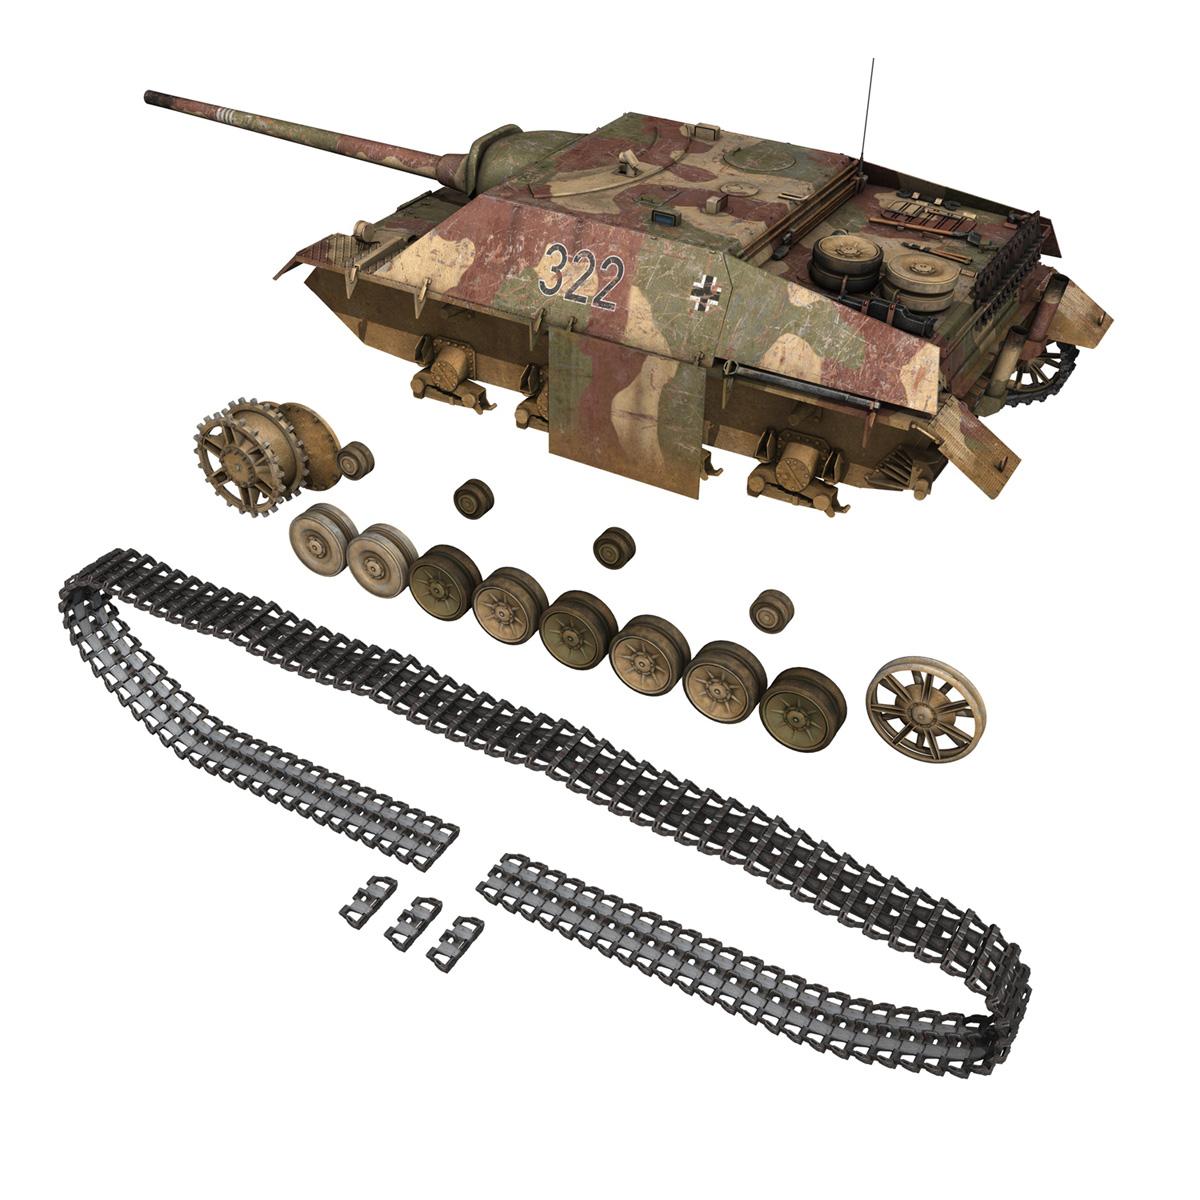 jagdpanzer iv l/70 (v) – 322 – late production 3d model 3ds fbx c4d lwo obj 282354